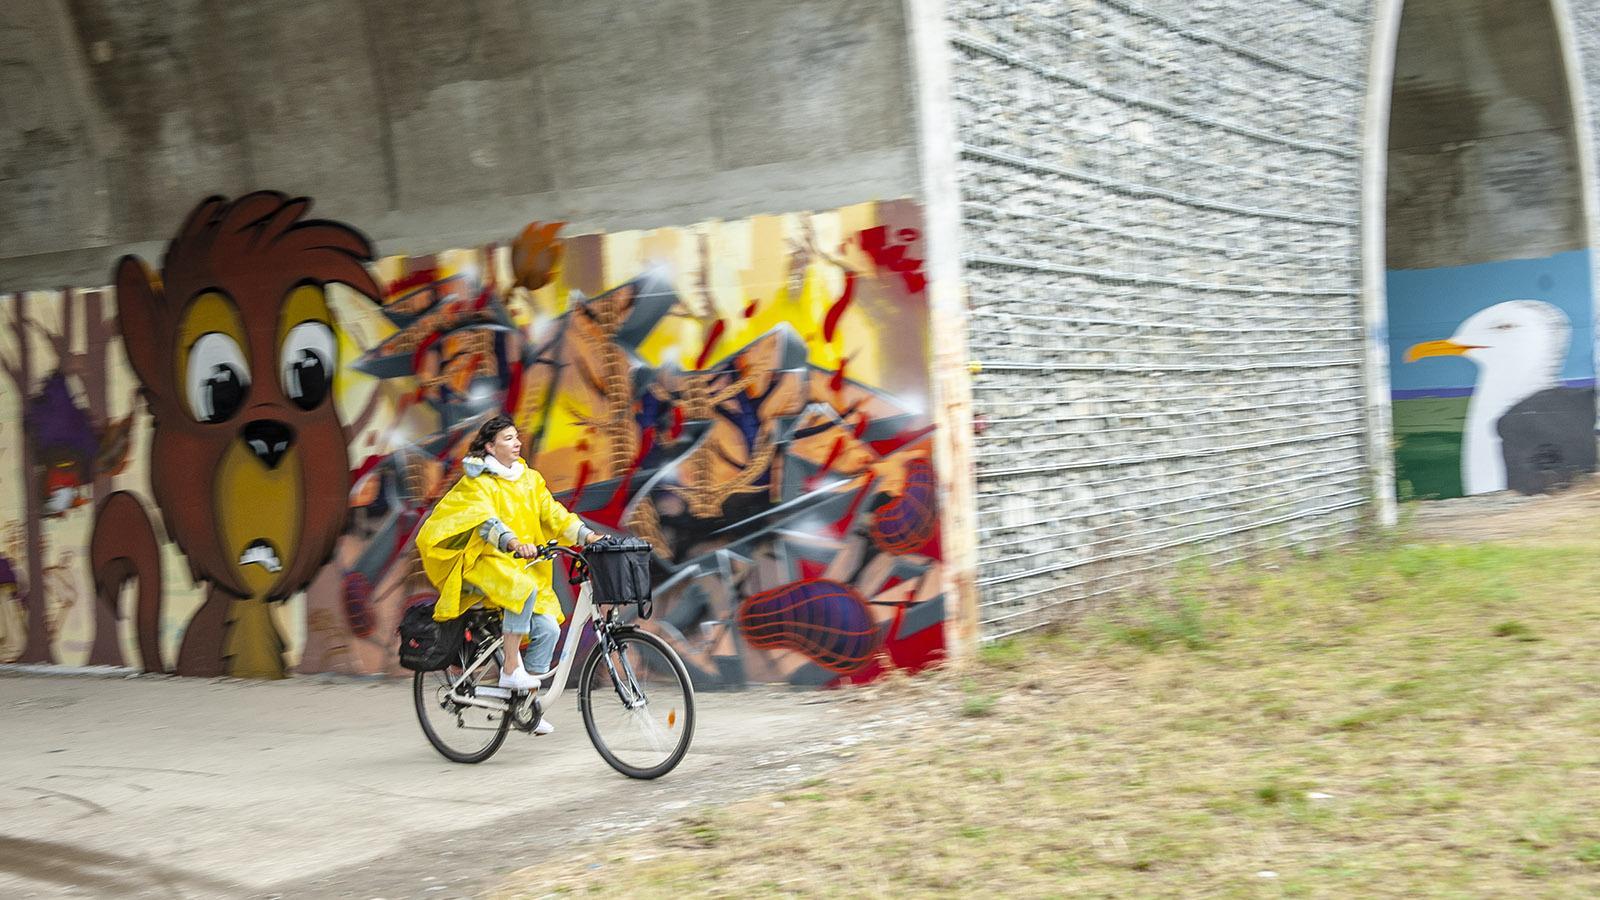 ViaRhôna, Per Rad entdecken wir die Street Art des Pont Maubeuge auf der Île Blaud. Foto: Hilke Maunder